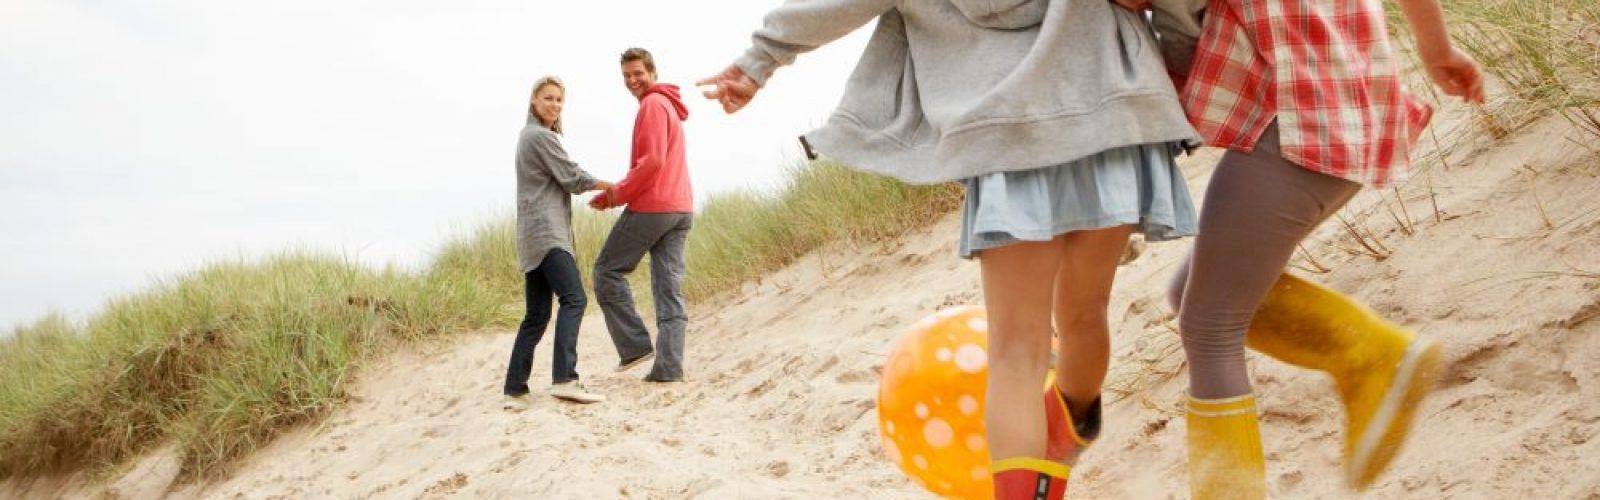 Nutrition focused family enjoys day on the beach